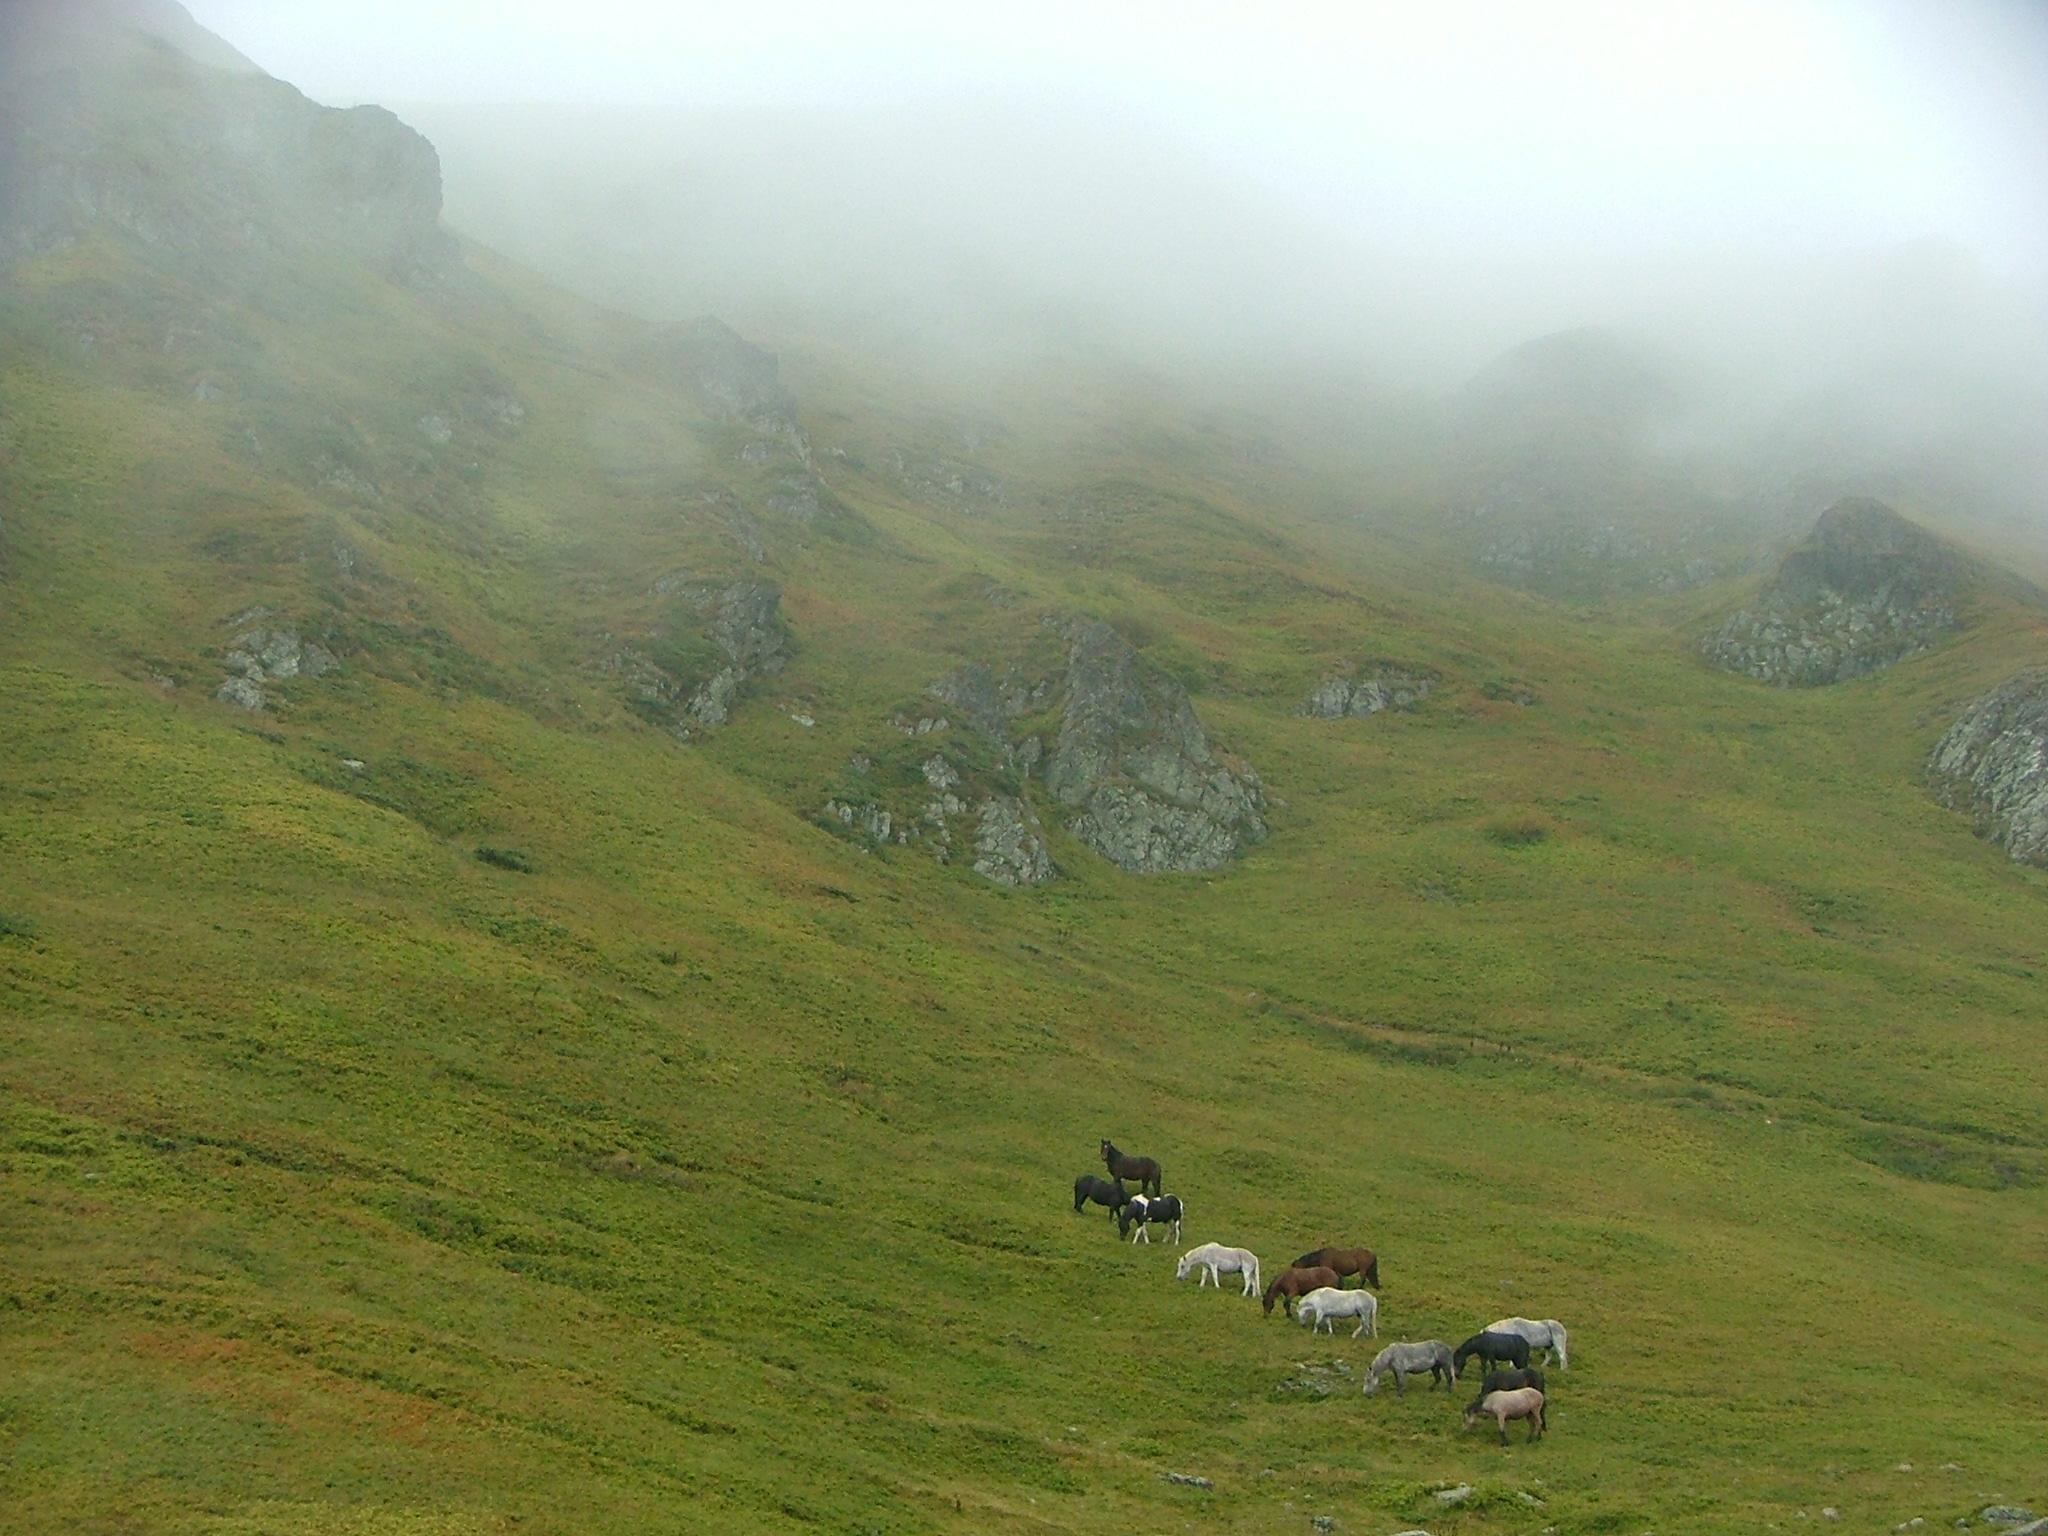 סוסים בשמורת הדורמיטור, מונטנגרו